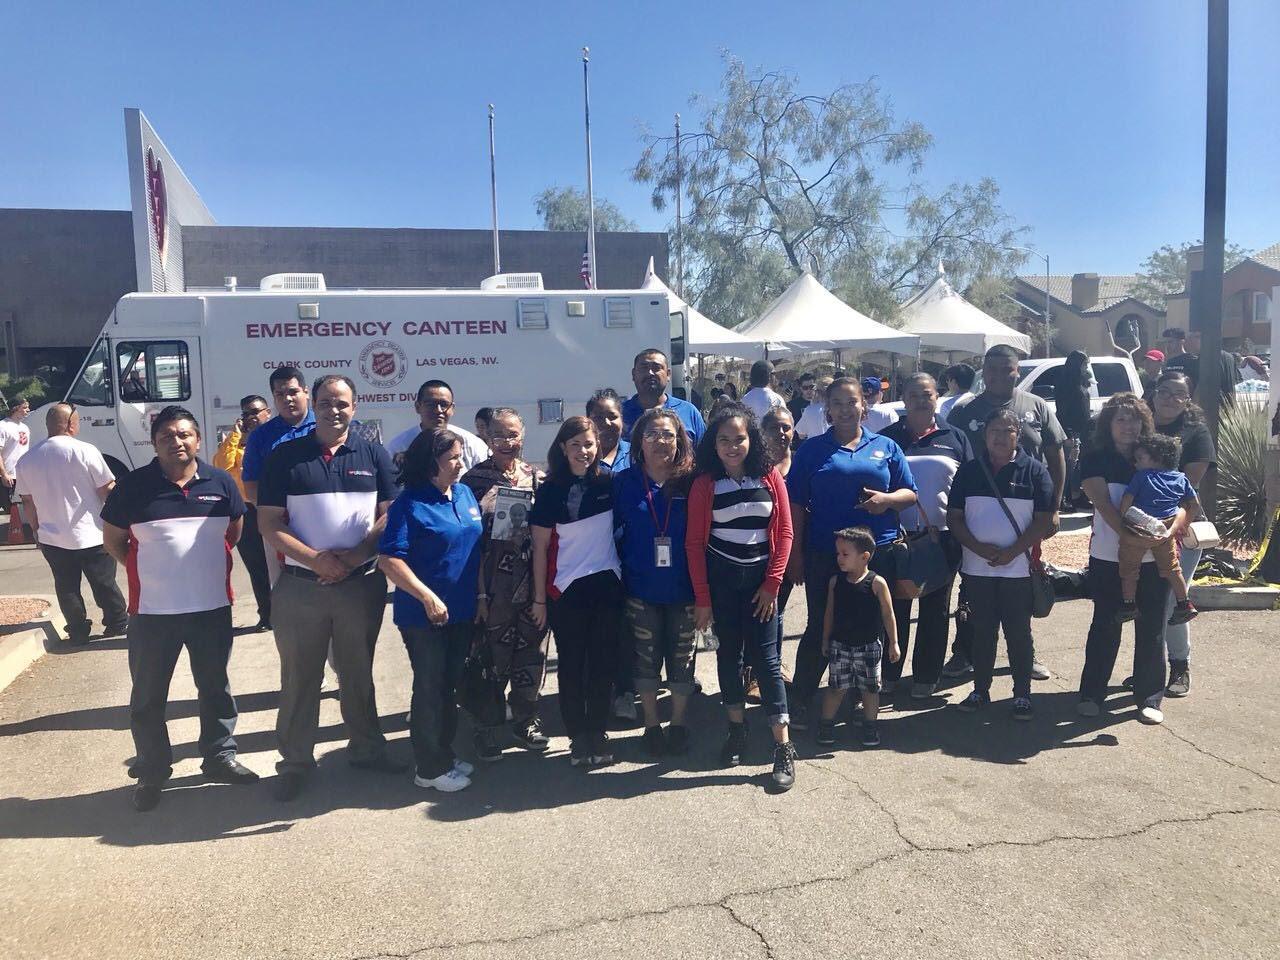 Atentado em Las Vegas: Solidariedade após tragédia1 min read